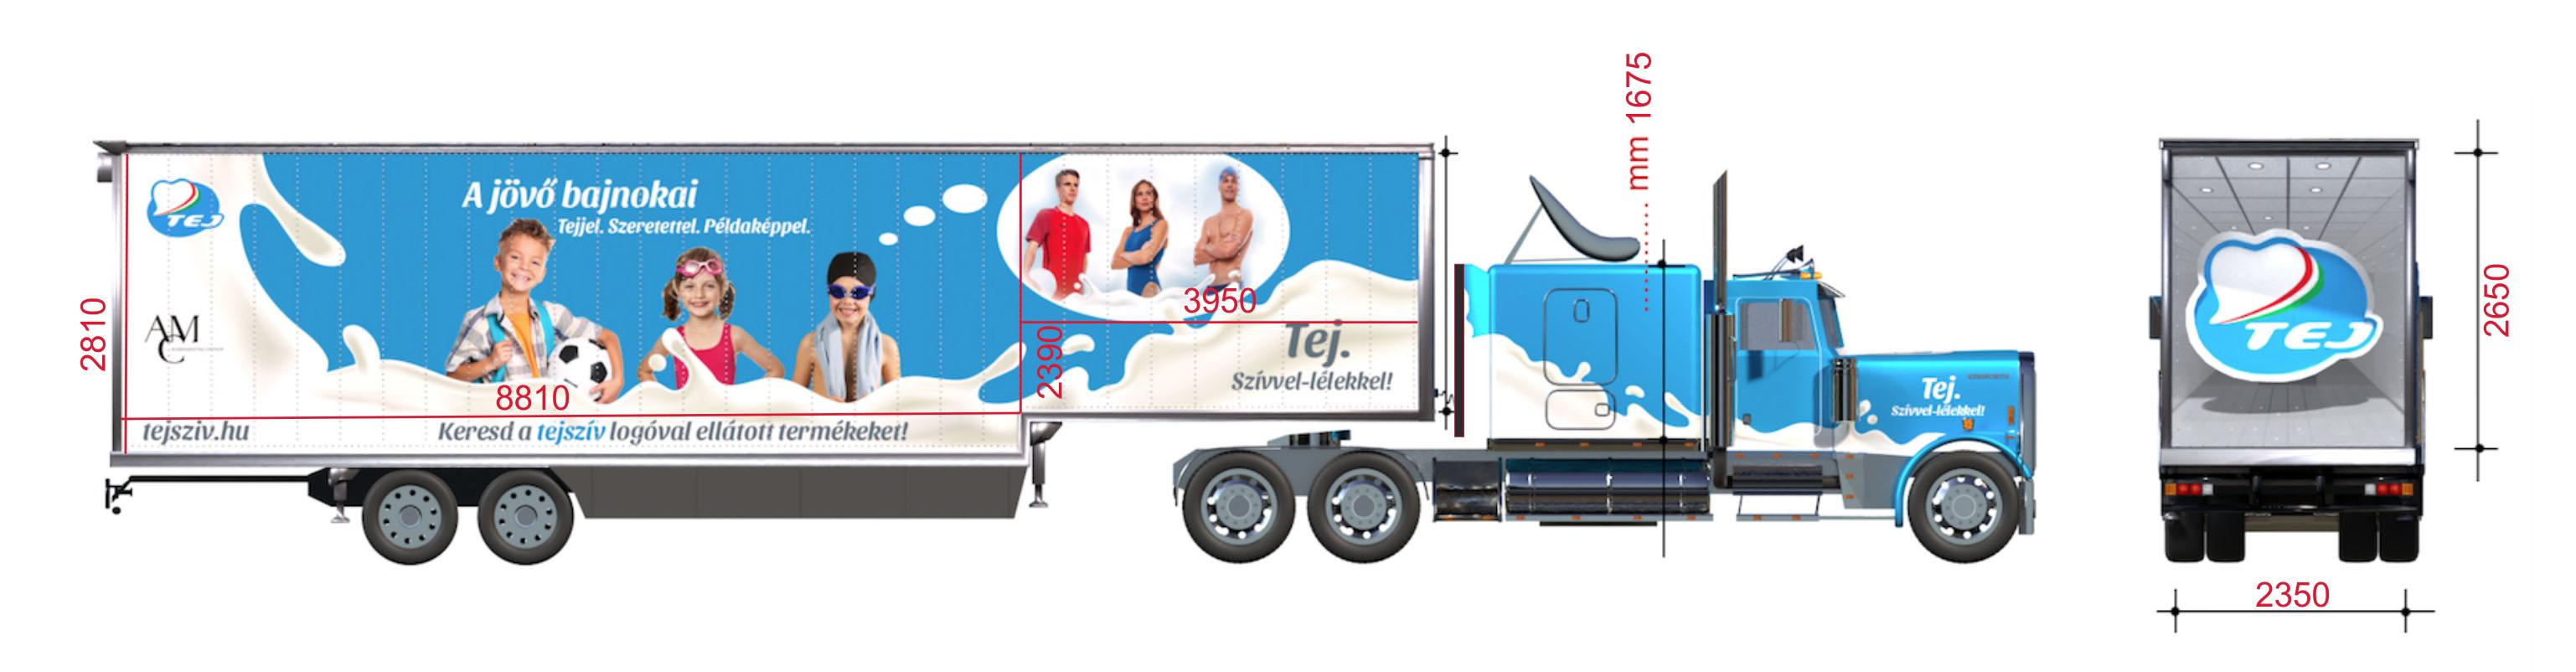 Roadshow kamion Tej 2